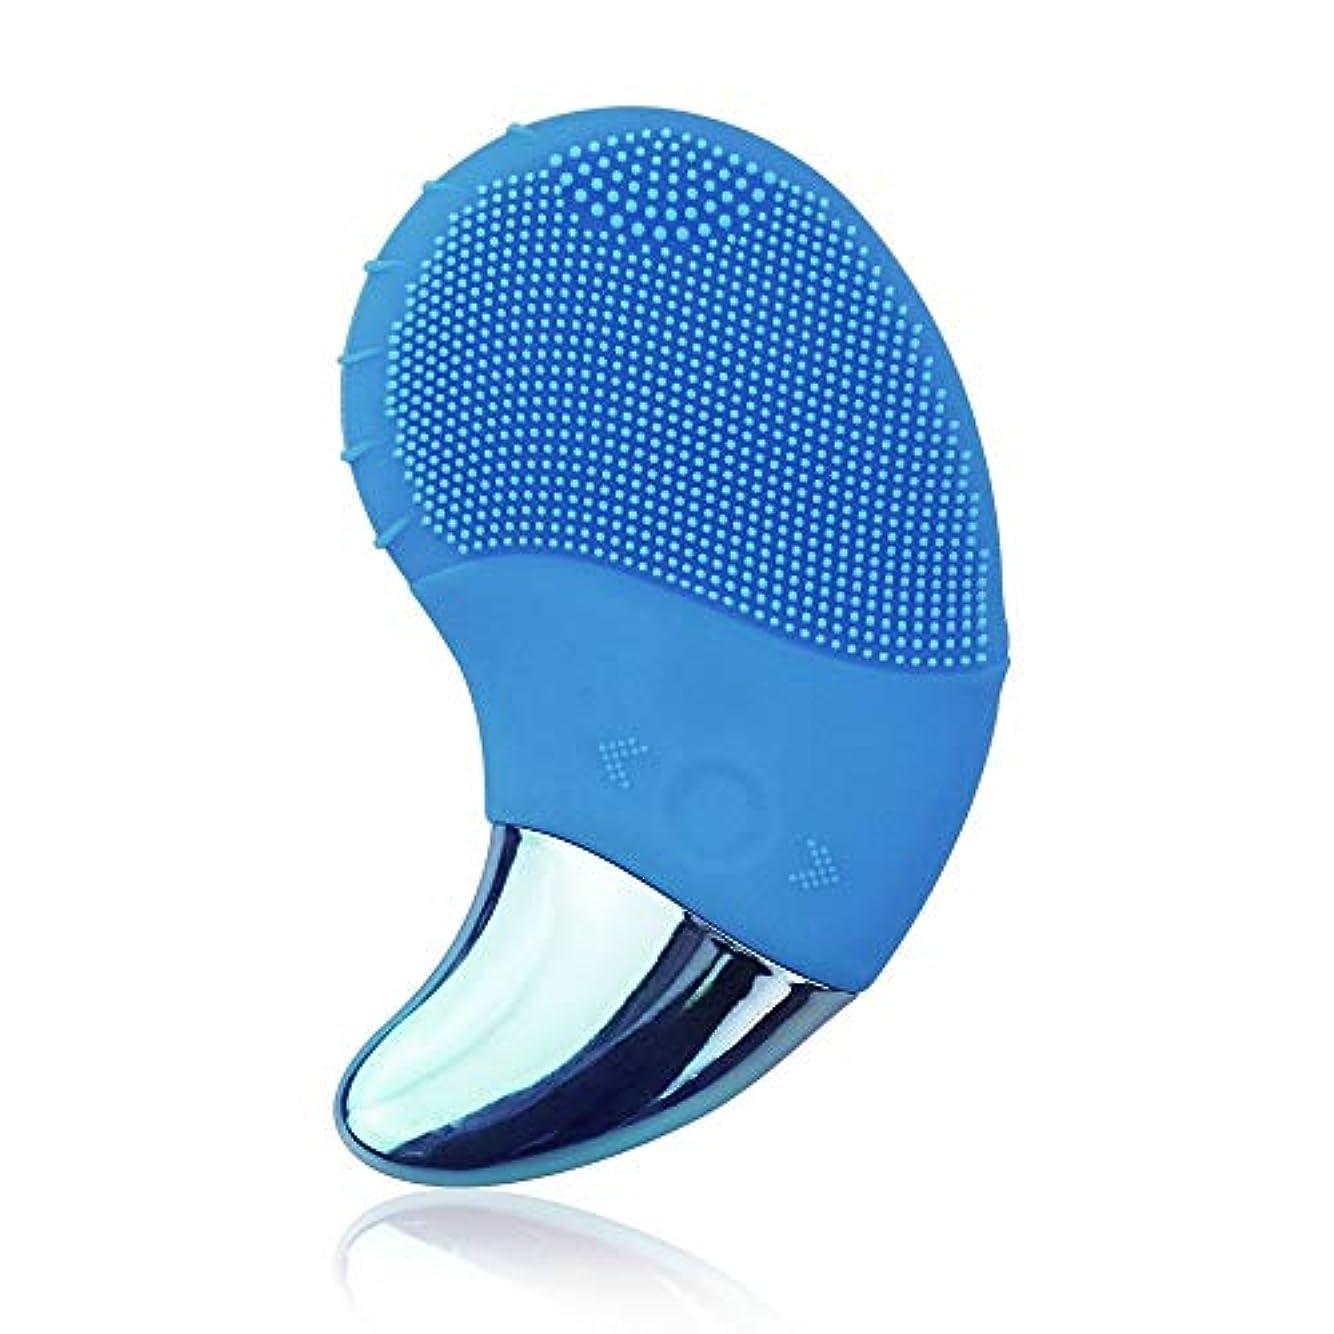 喜ぶクラブ変位電気シリコンフェイシャルスクラバークレンジングブラシデバイス、男性用、女性用、ディープクリーニング用、すべての肌タイプ防水充電式フェイスブラシクレンザー、スマートアプリ付き(青、アップグレードバージョン)